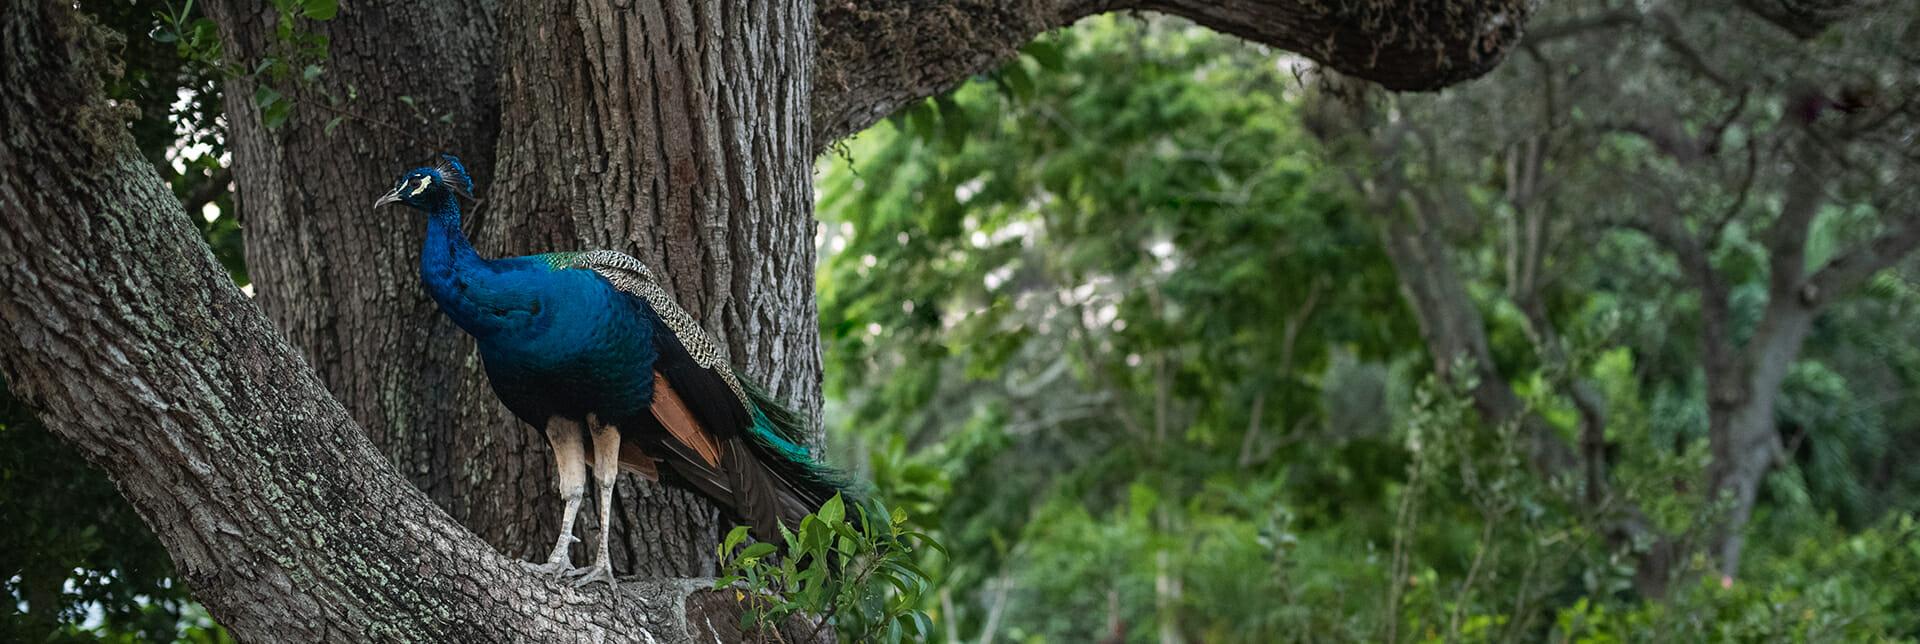 Peacock in a tree El Portal